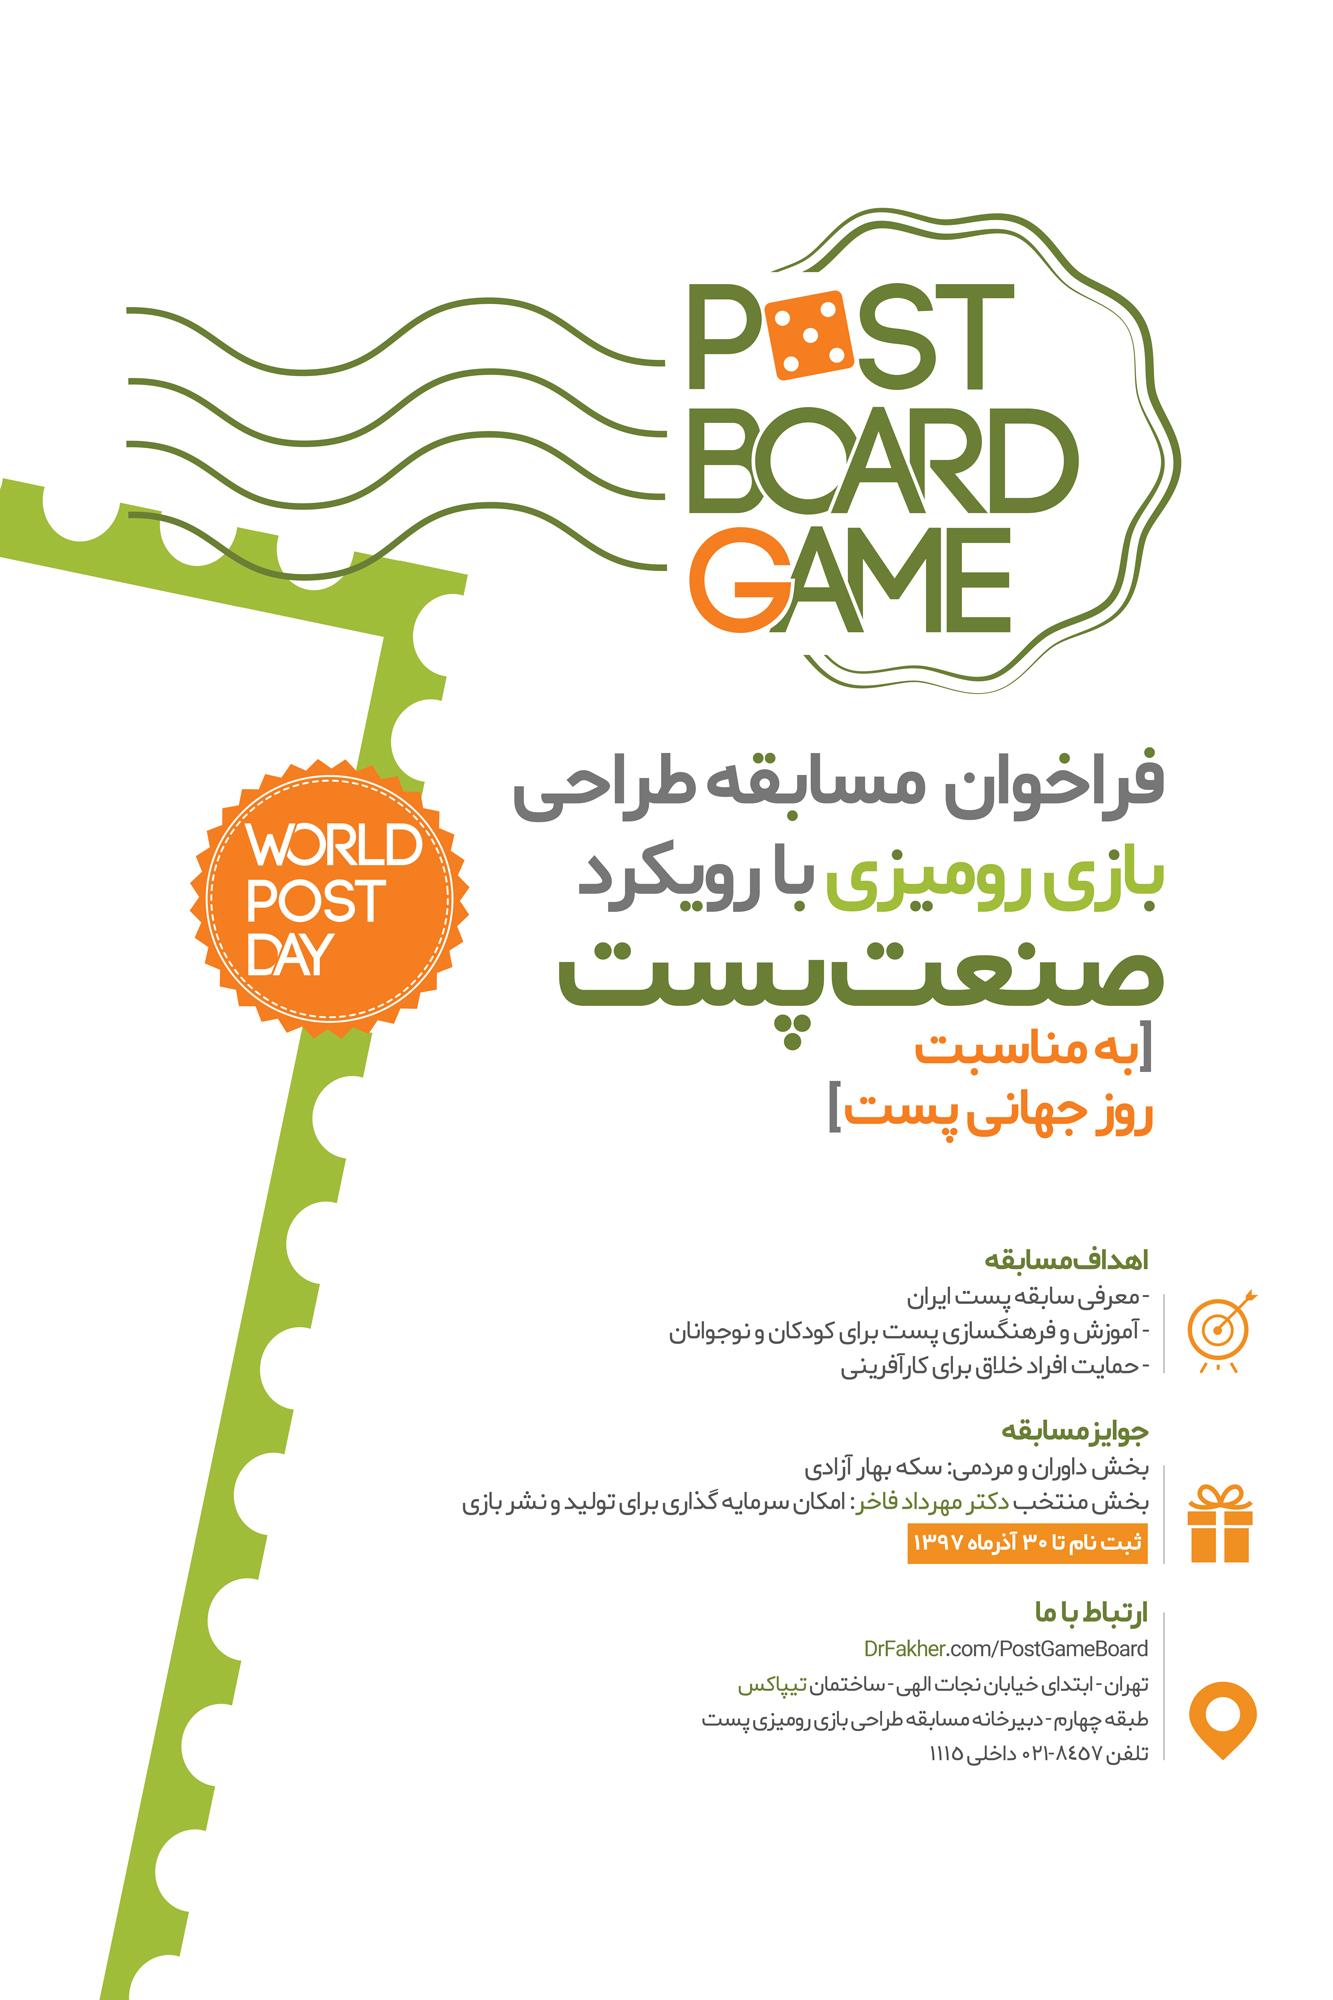 فراخوان مسابقه طراحی بازی رومیزی